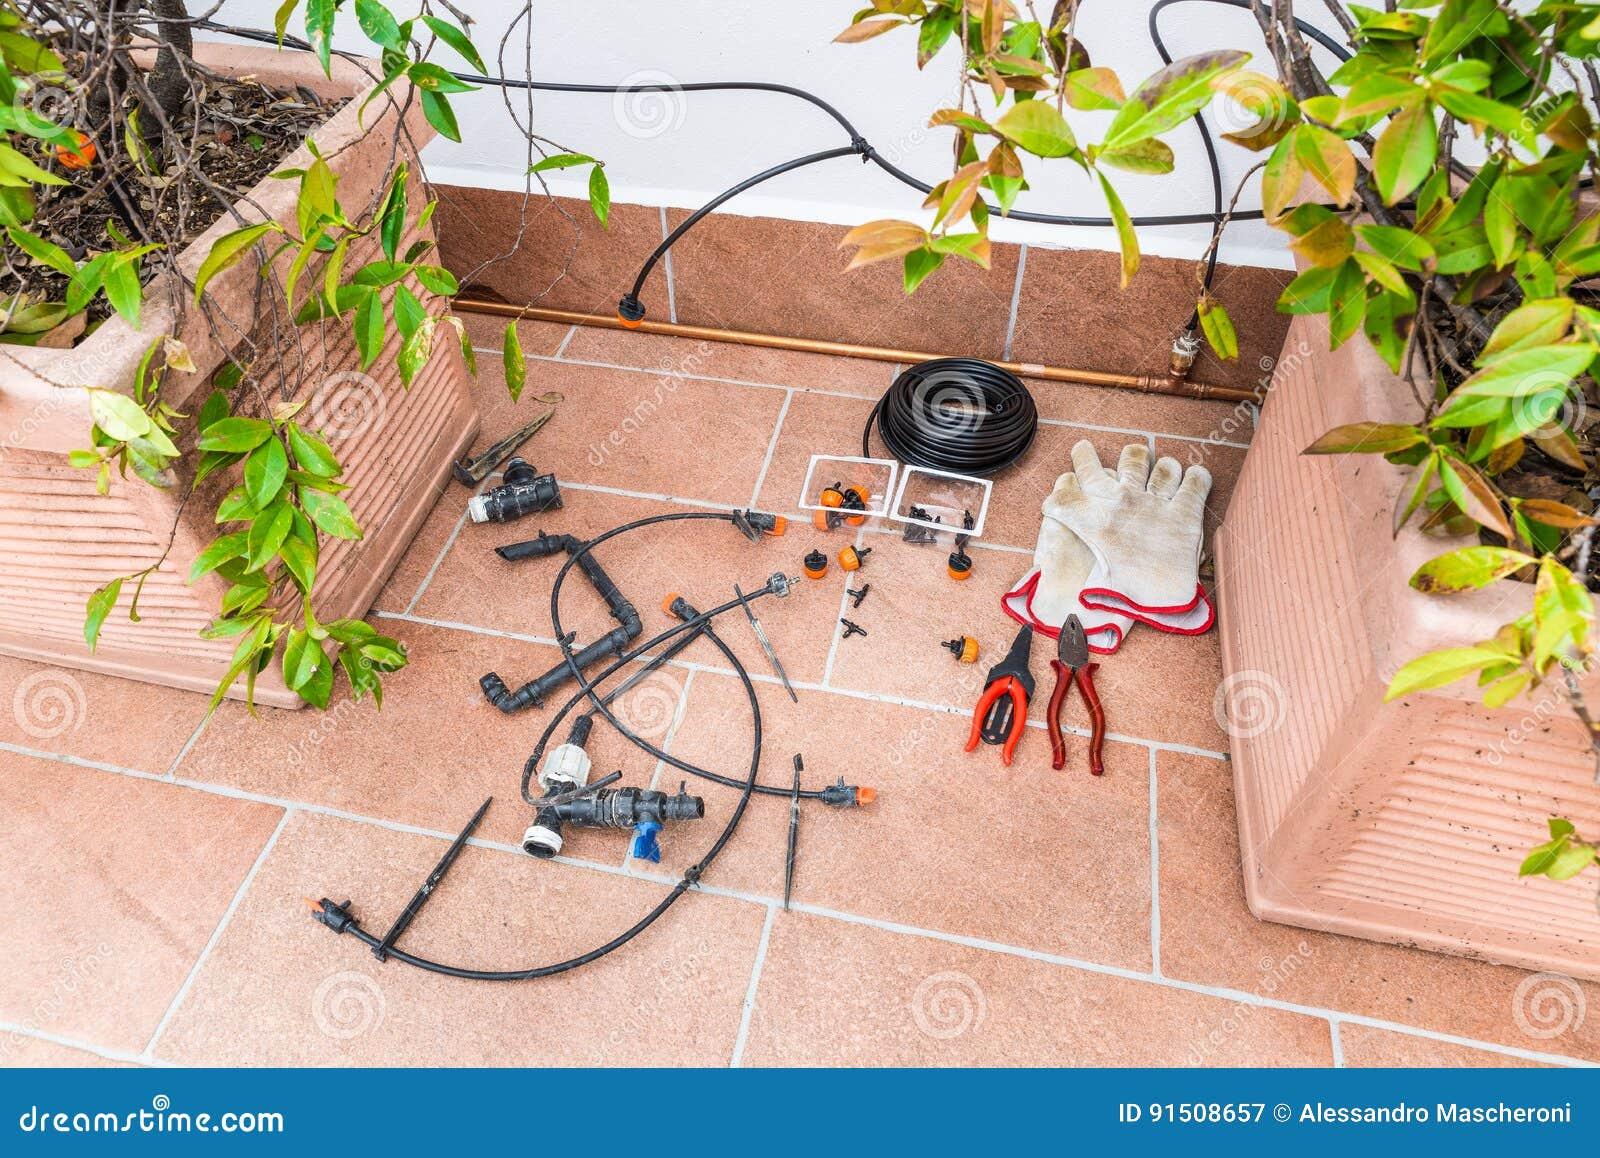 Sistema Di Rame Lussuoso Dell Irrigazione A Goccia Con I